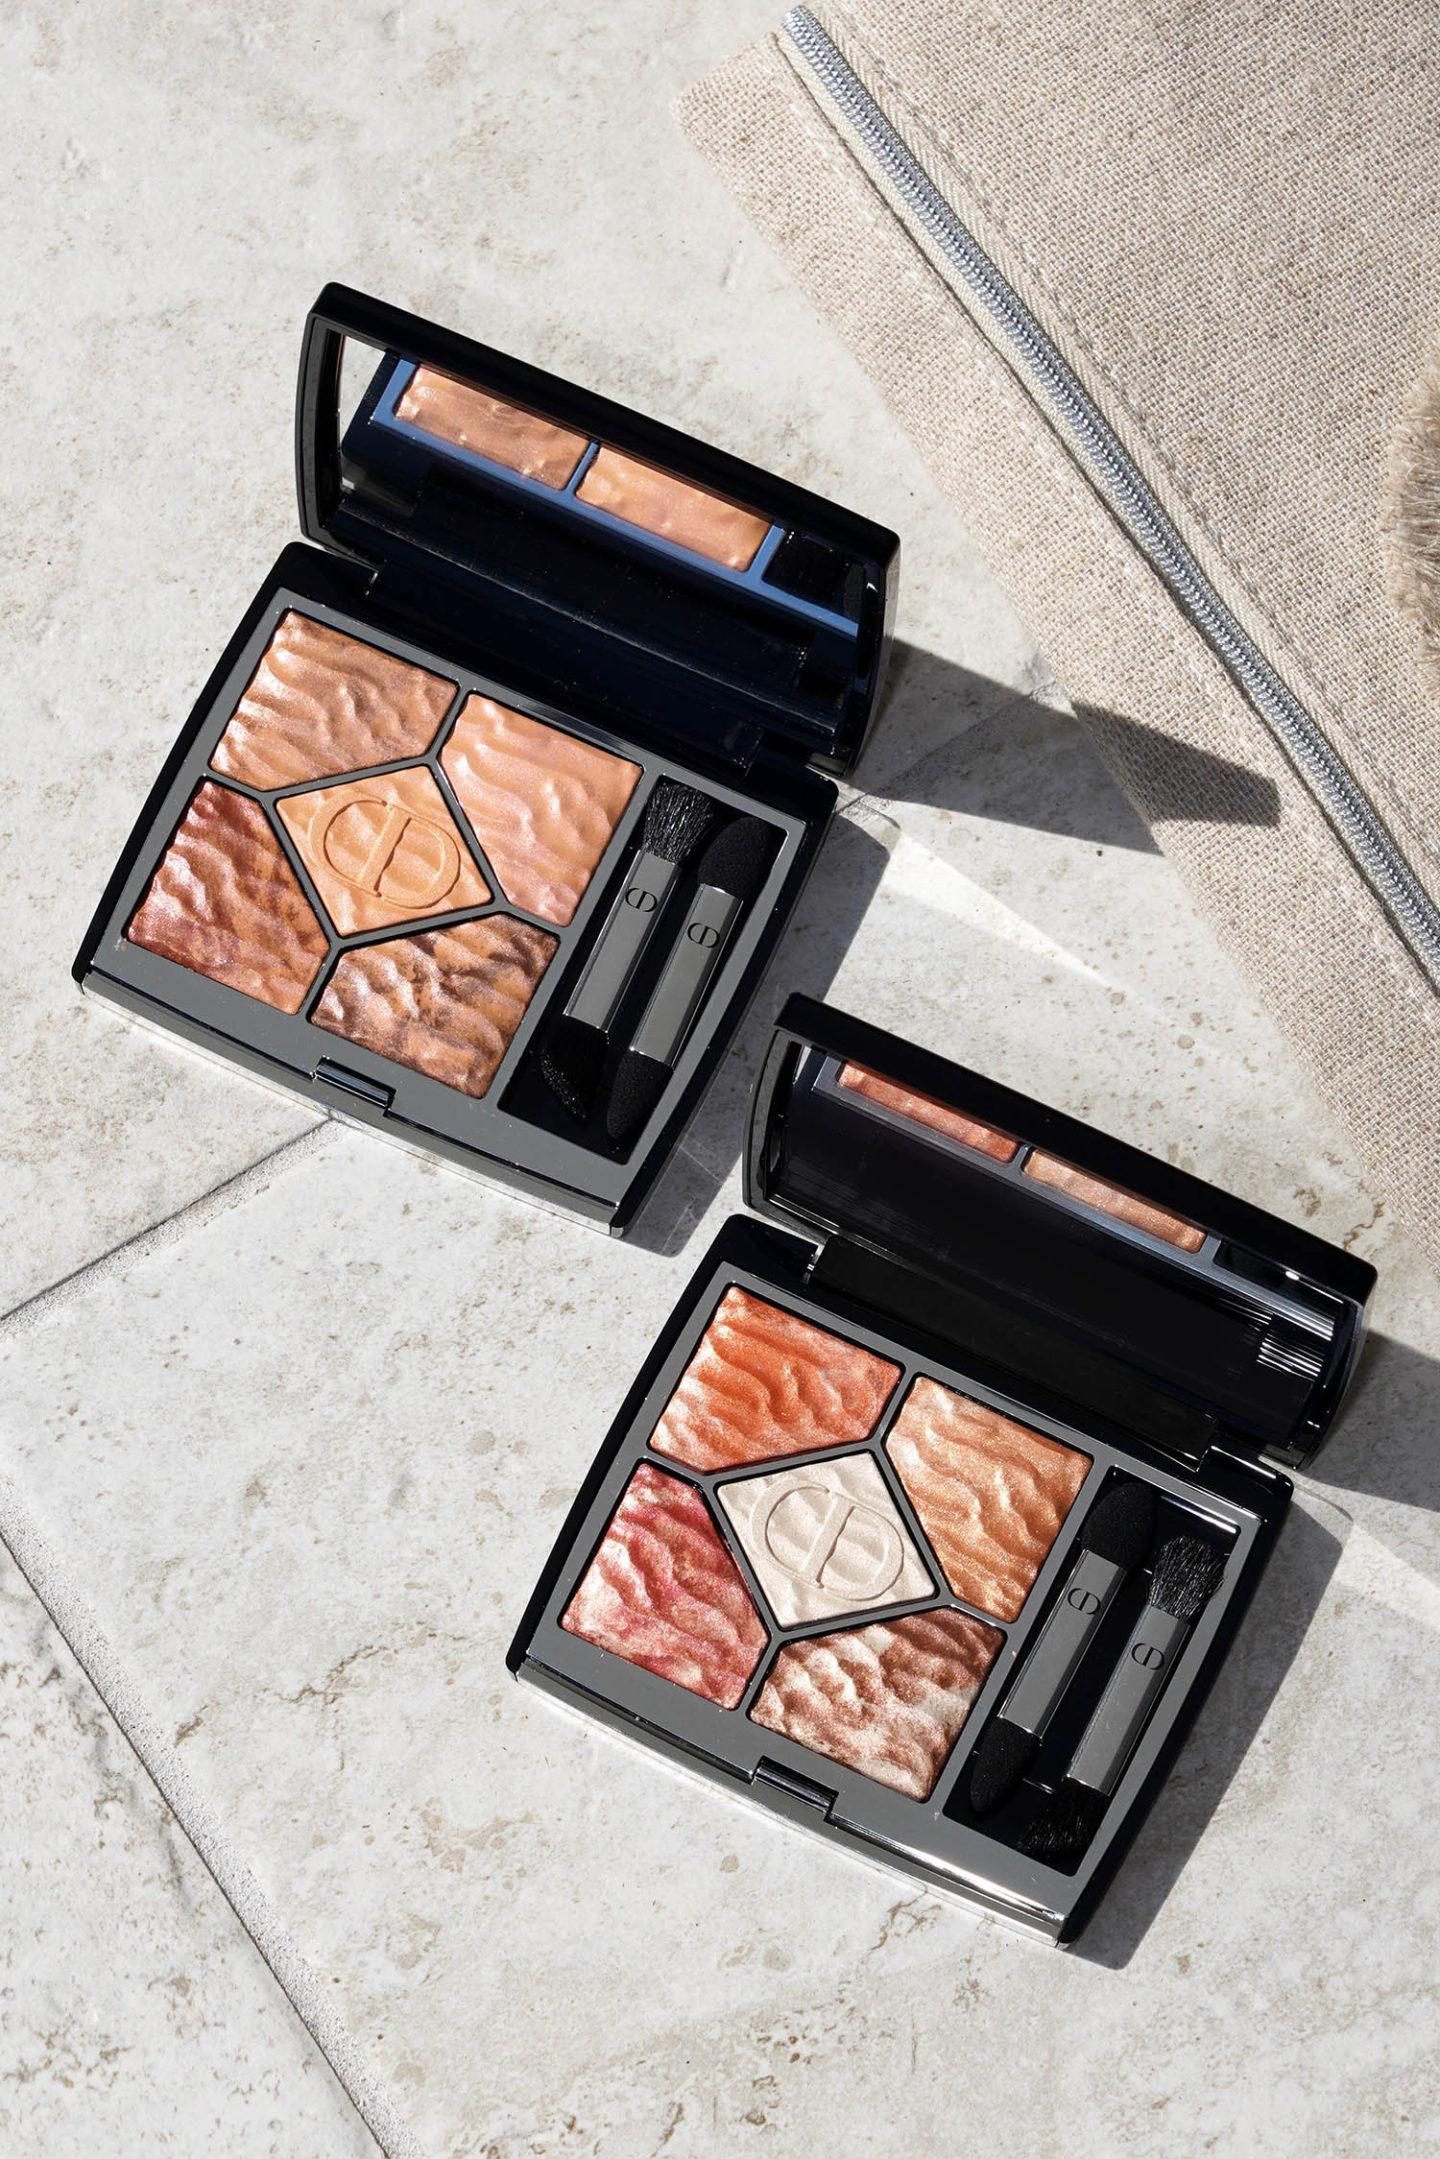 Palettes de fards à paupières Dior 5 Couleurs Couture Collection Summer Dune